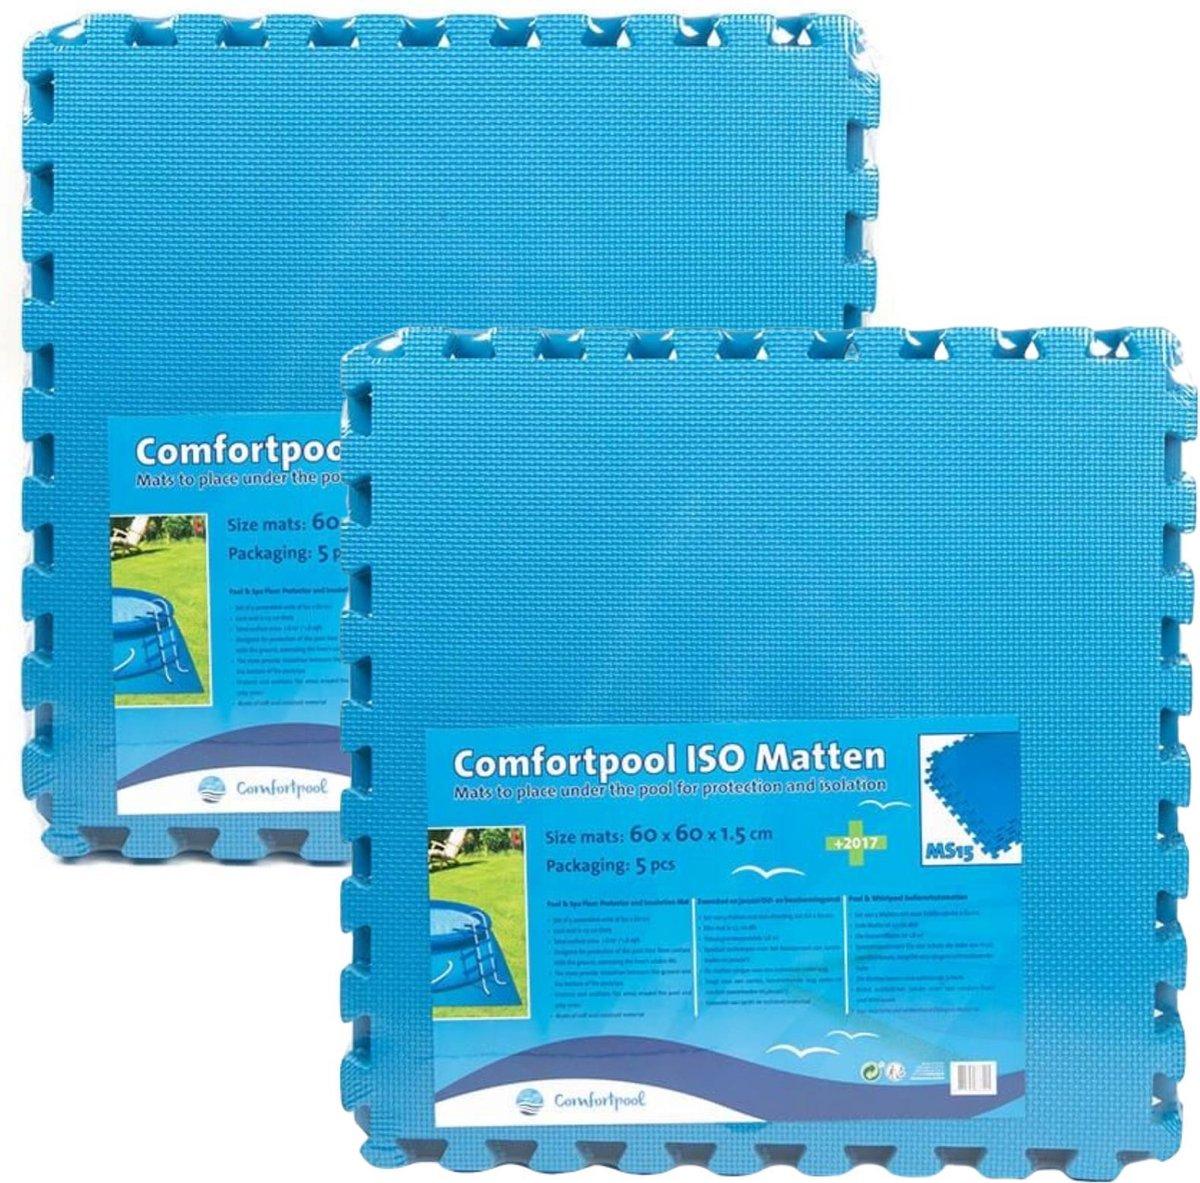 Comfortpool - Voordeelpakket - Zwembad tegels - 10 tegels - 60 x 60 cm - 3,6m²